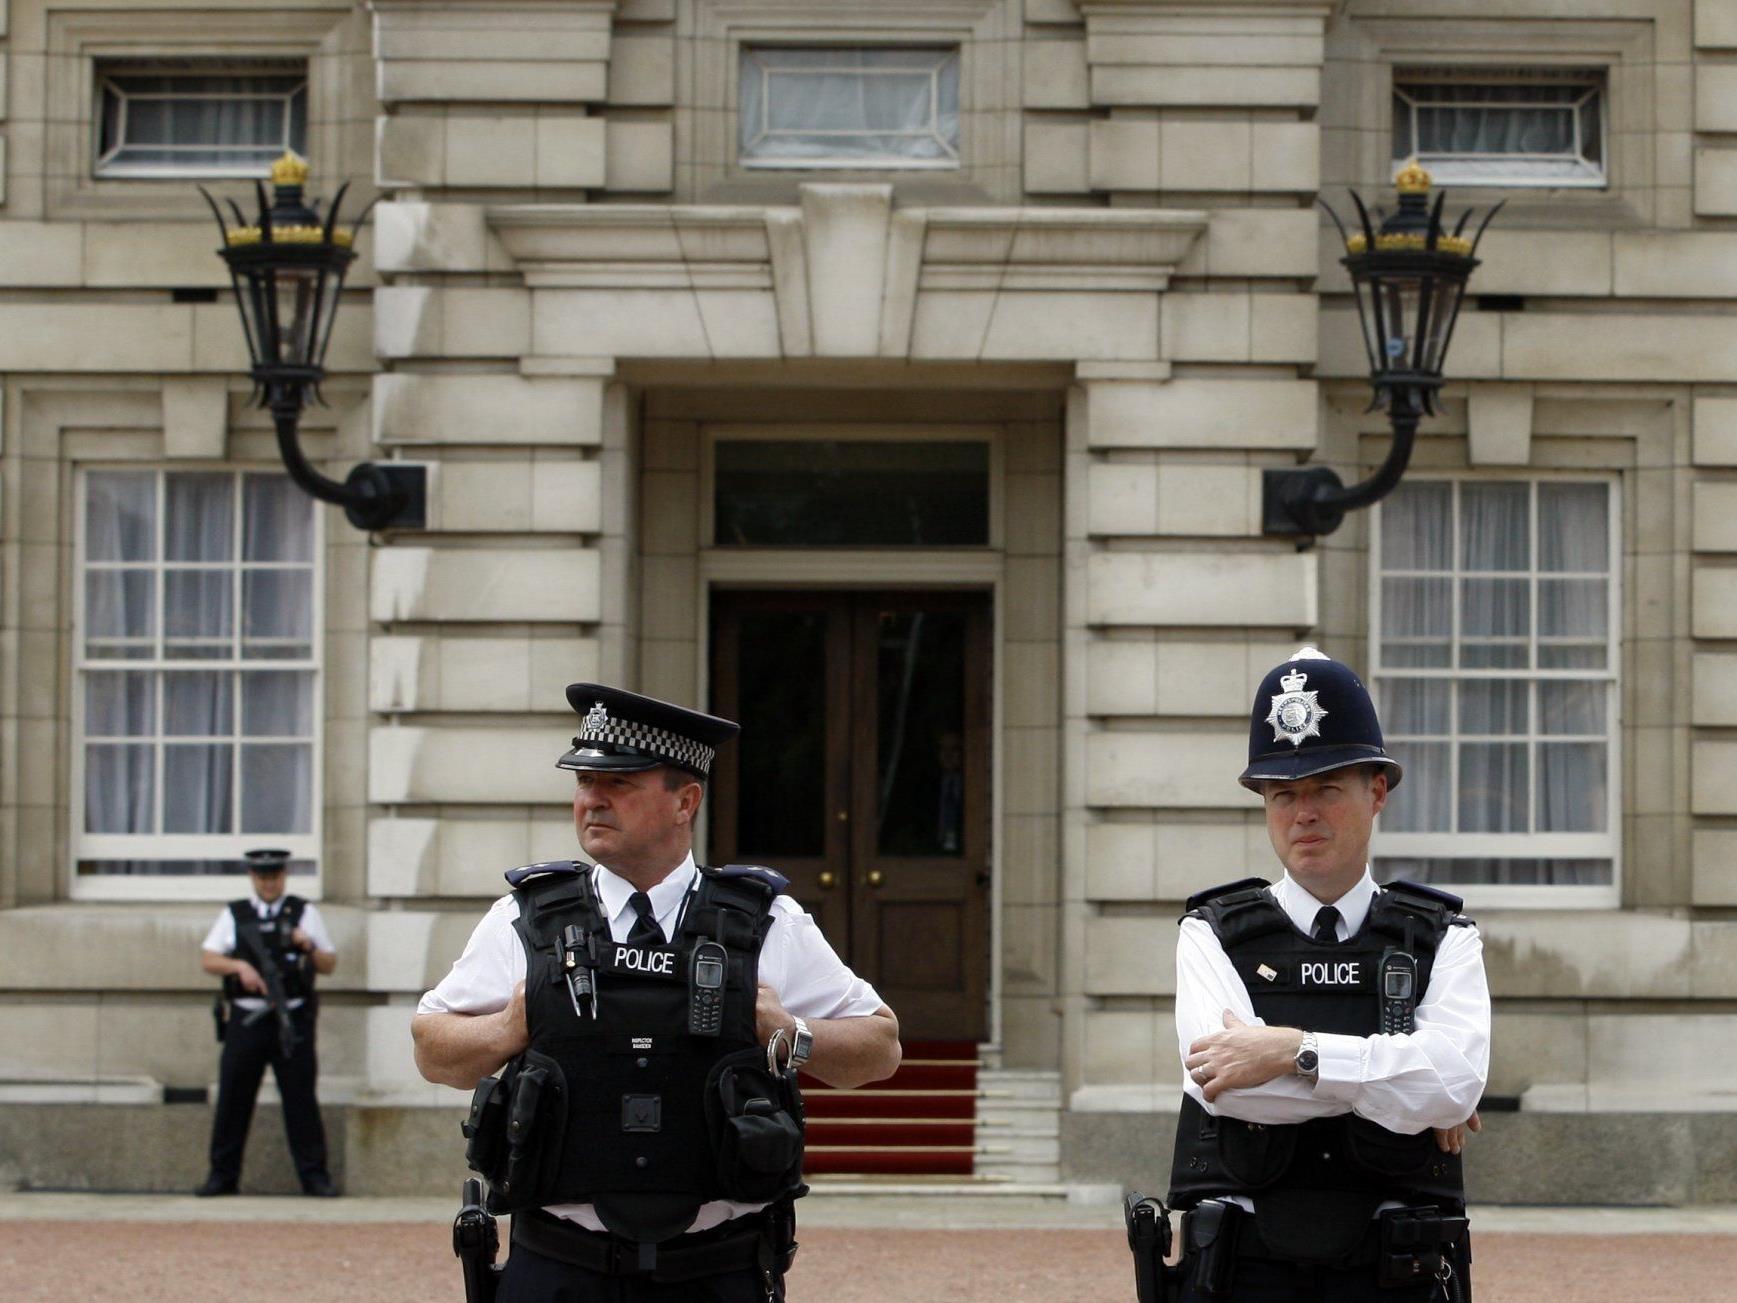 Laut Studie ist die Hälfte der Londoner Beamten übergewichtig.